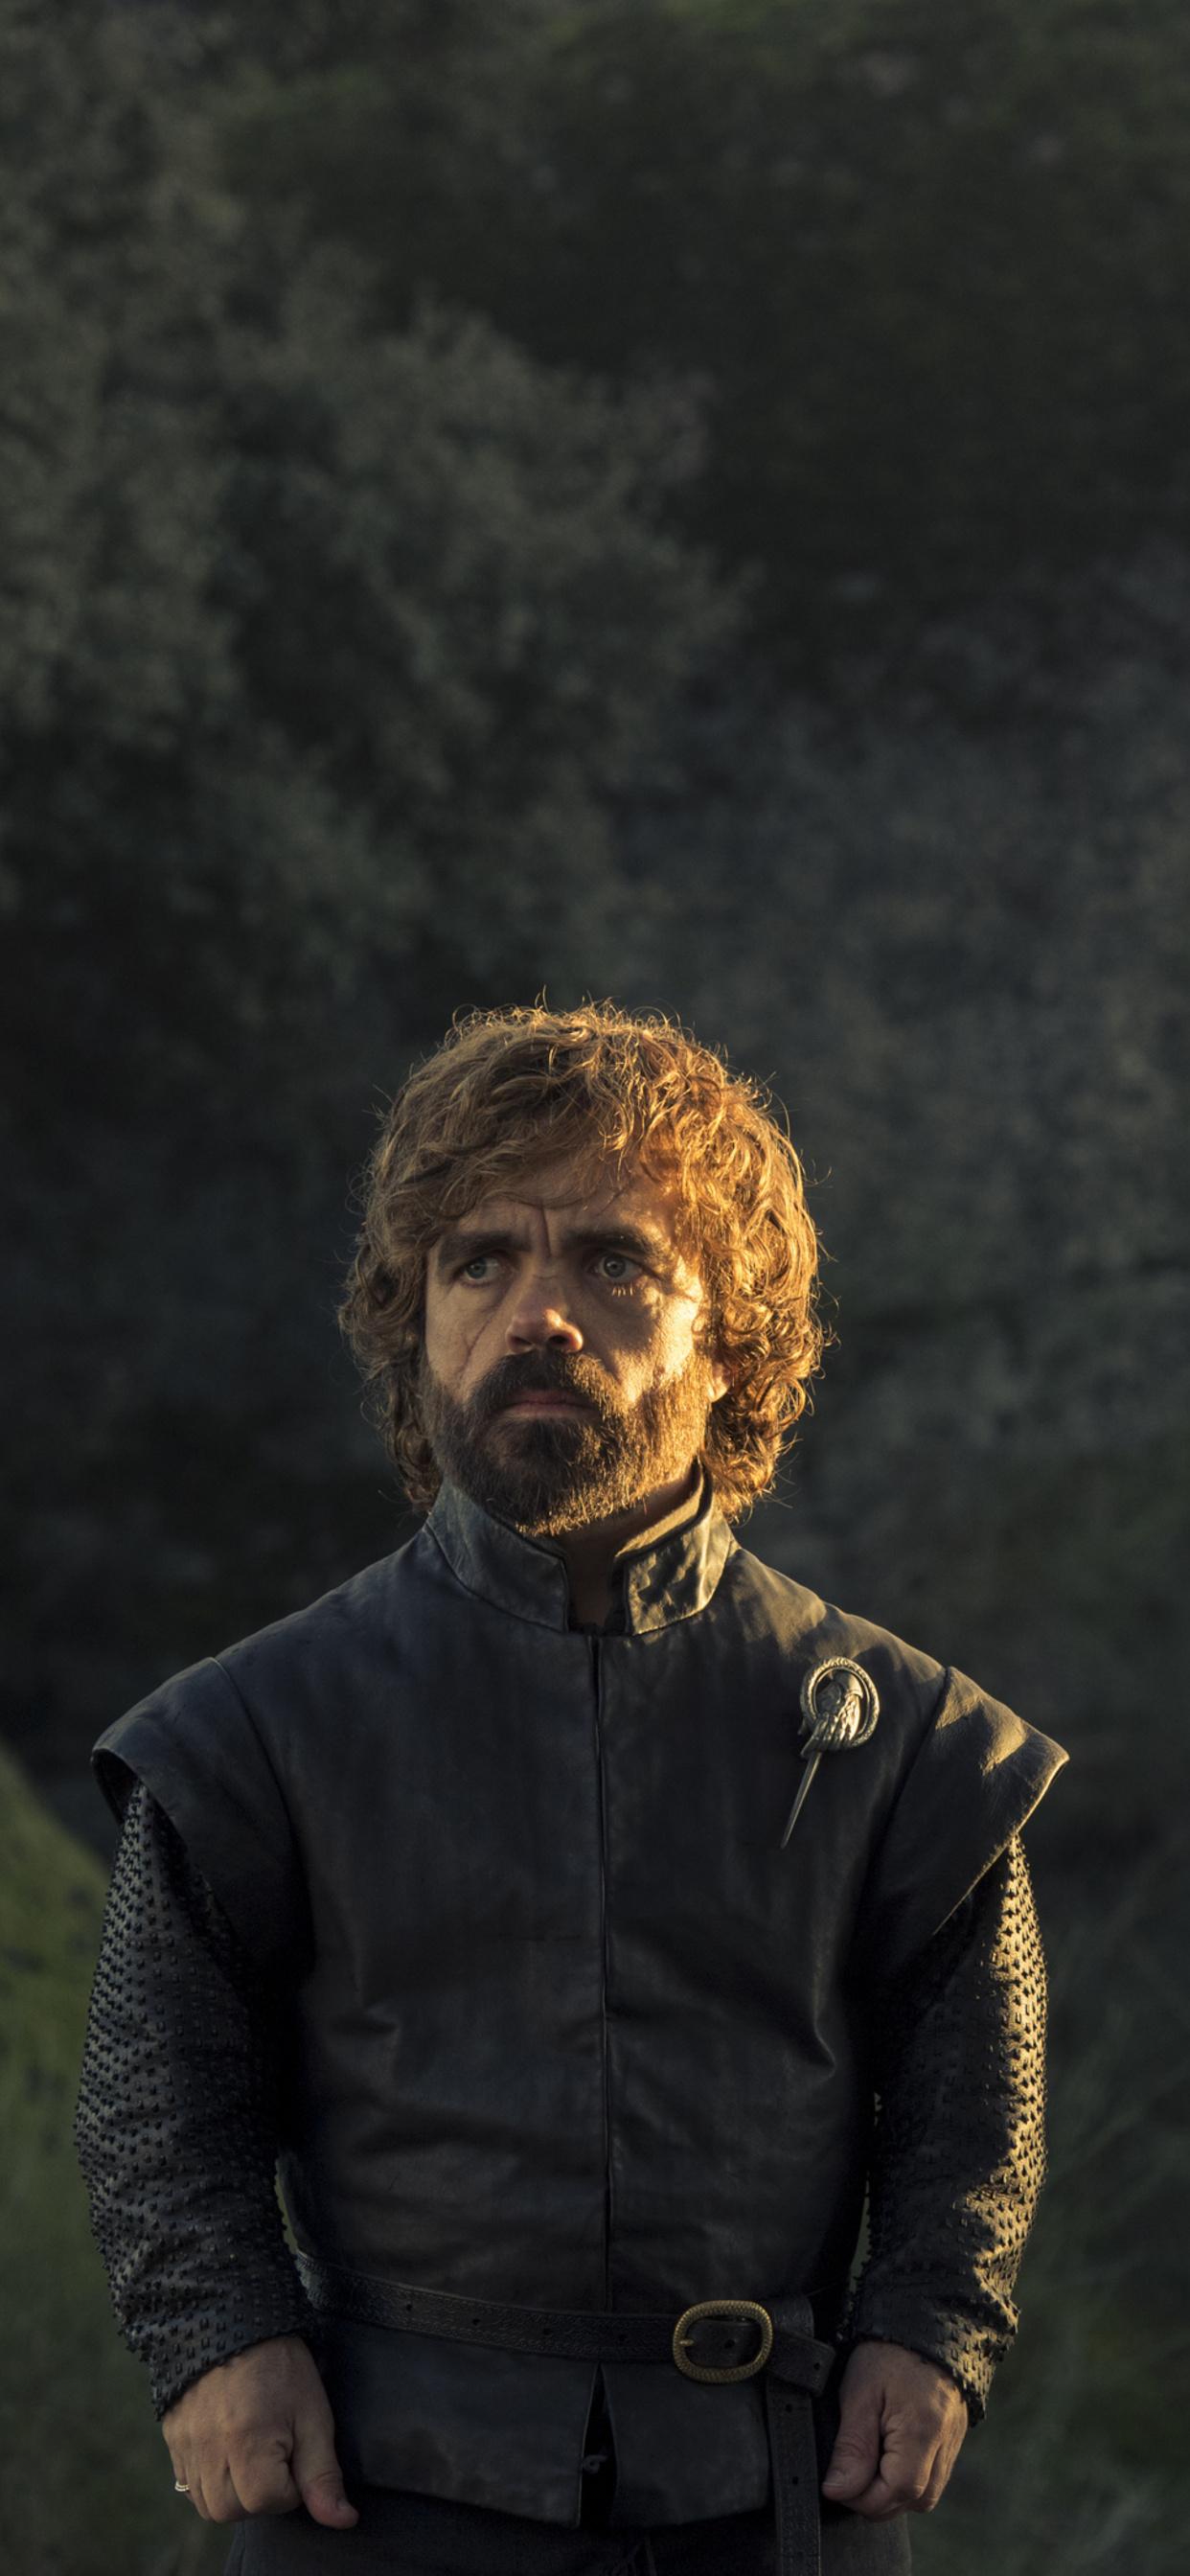 tyrion-lannister-and-daenerys-targaryen-game-of-thrones-4k-ry.jpg